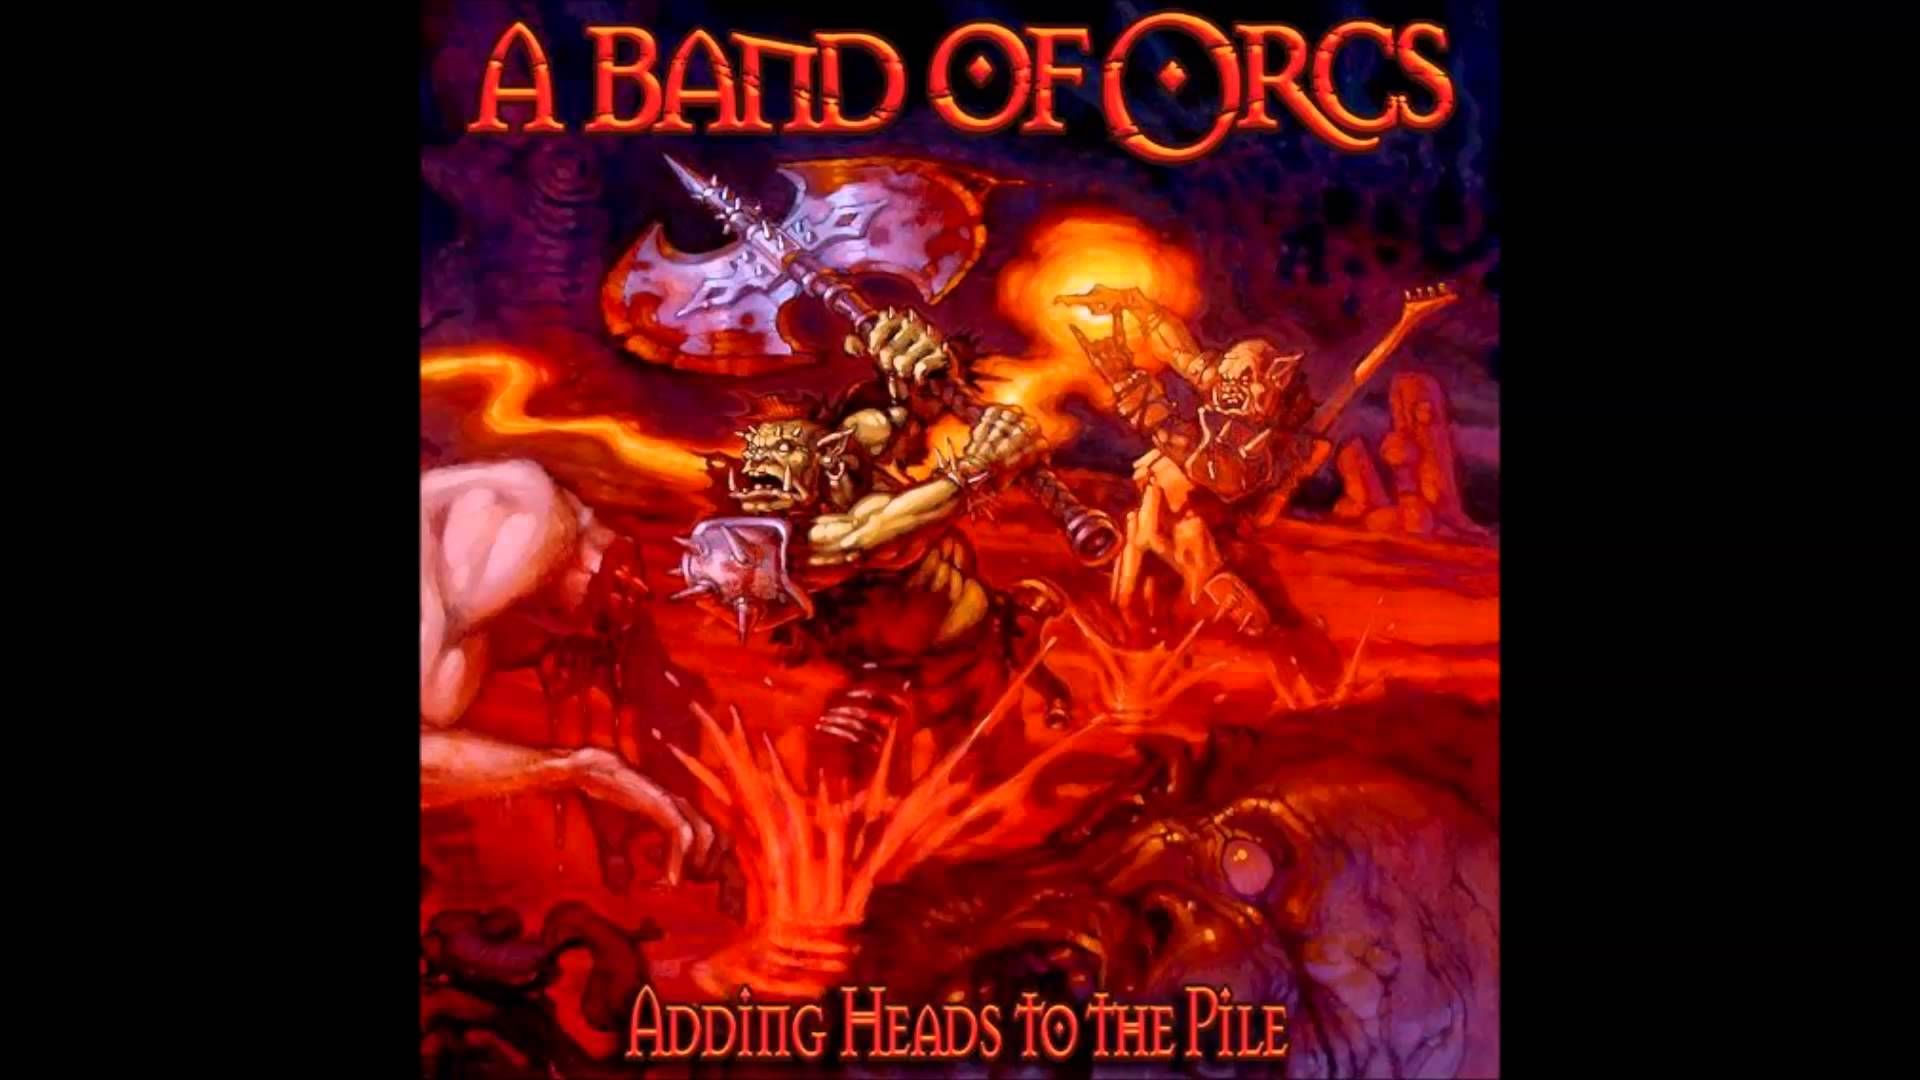 A Band Of Orcs Stormbringer Thrash Metal Metal Albums Death Metal